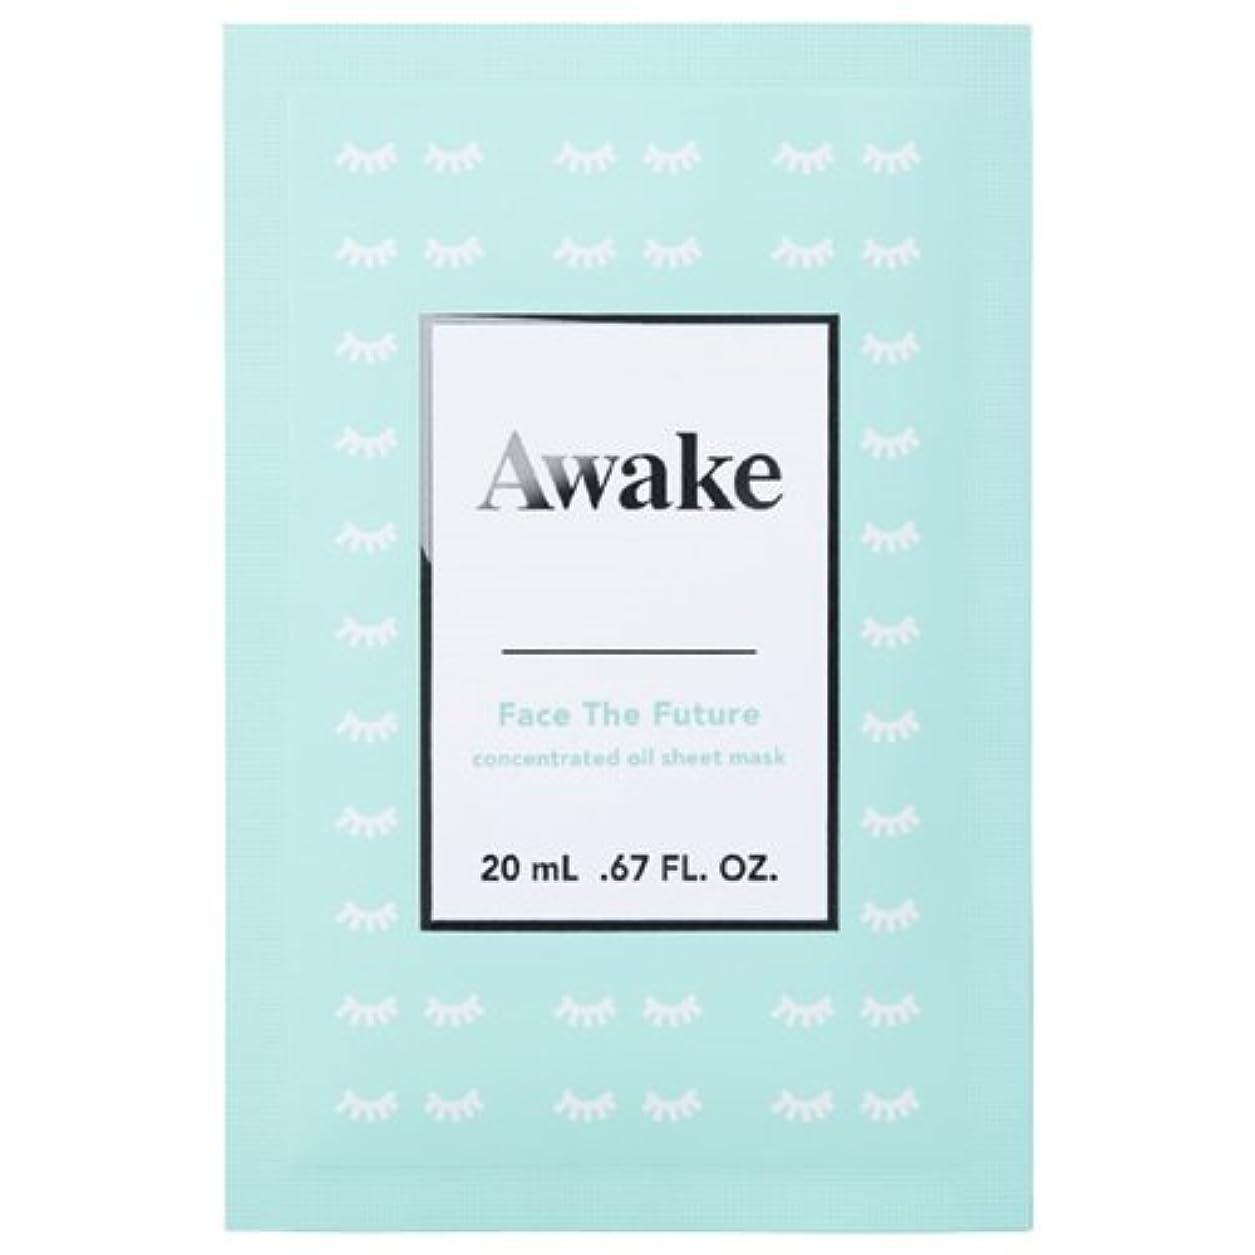 いつファイバ実質的アウェイク(AWAKE) Awake(アウェイク) フェイスザフューチャー コンセントレイティッド オイルシートマスク (20mL × 6枚入)